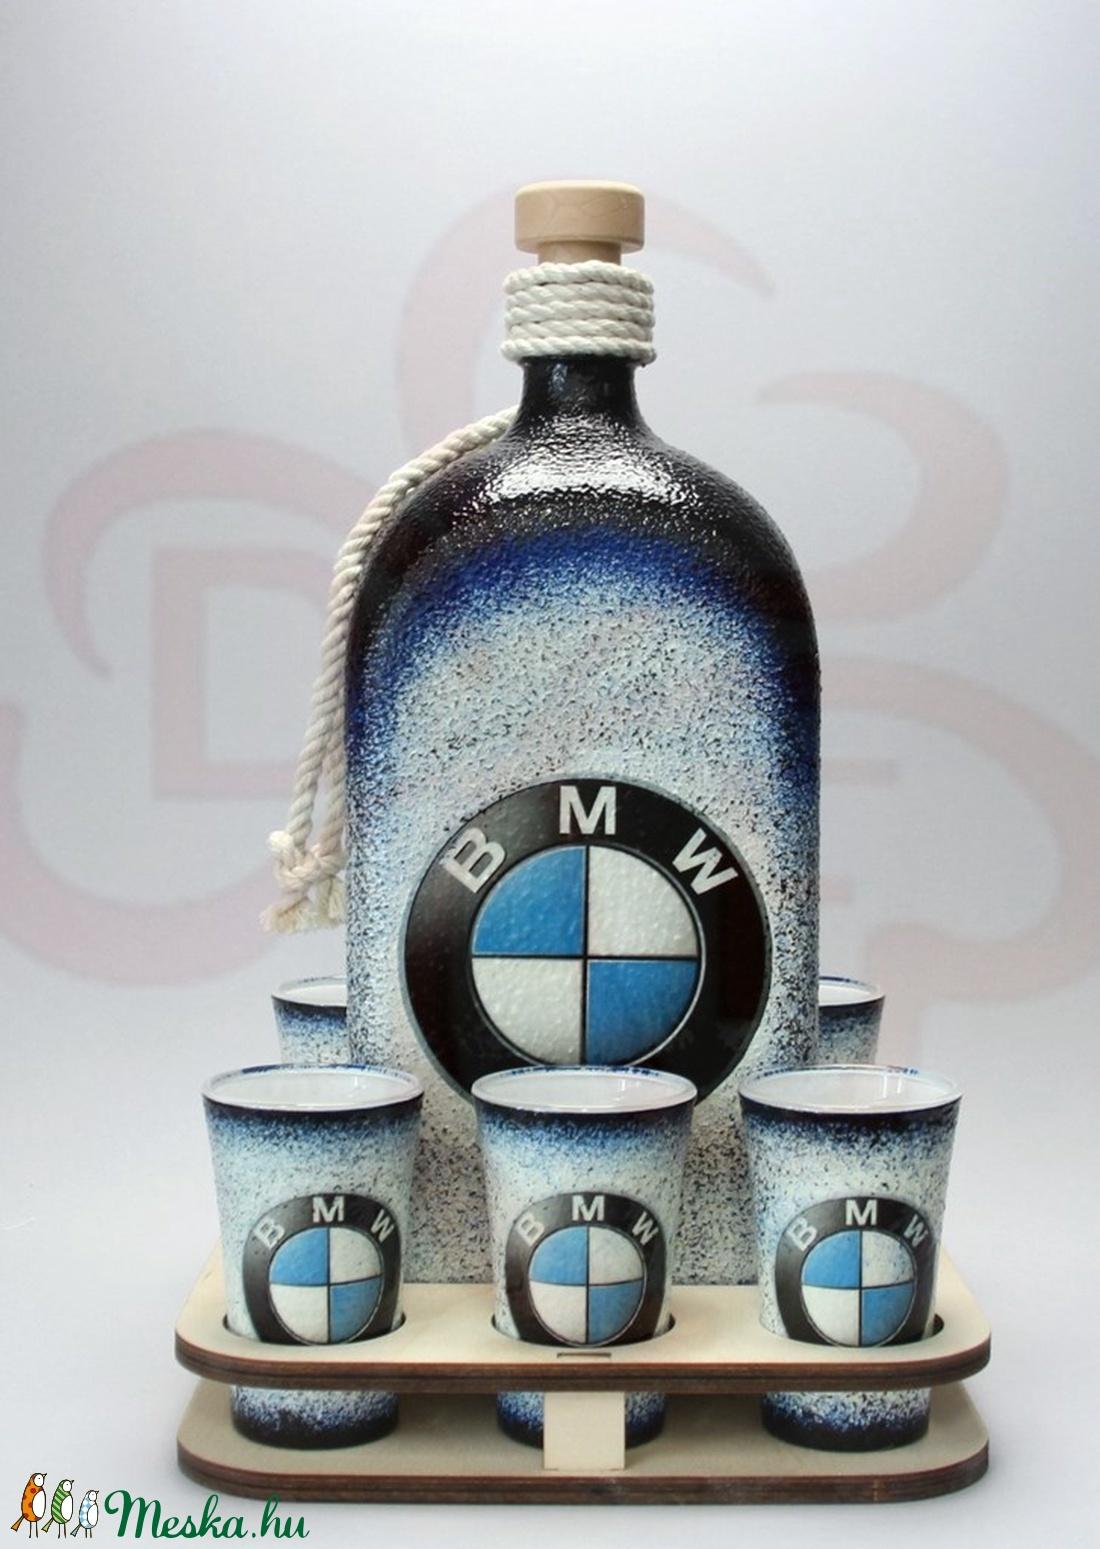 BMW ajándék családi készlet ; A saját BMW autód fotójával is!  - Meska.hu